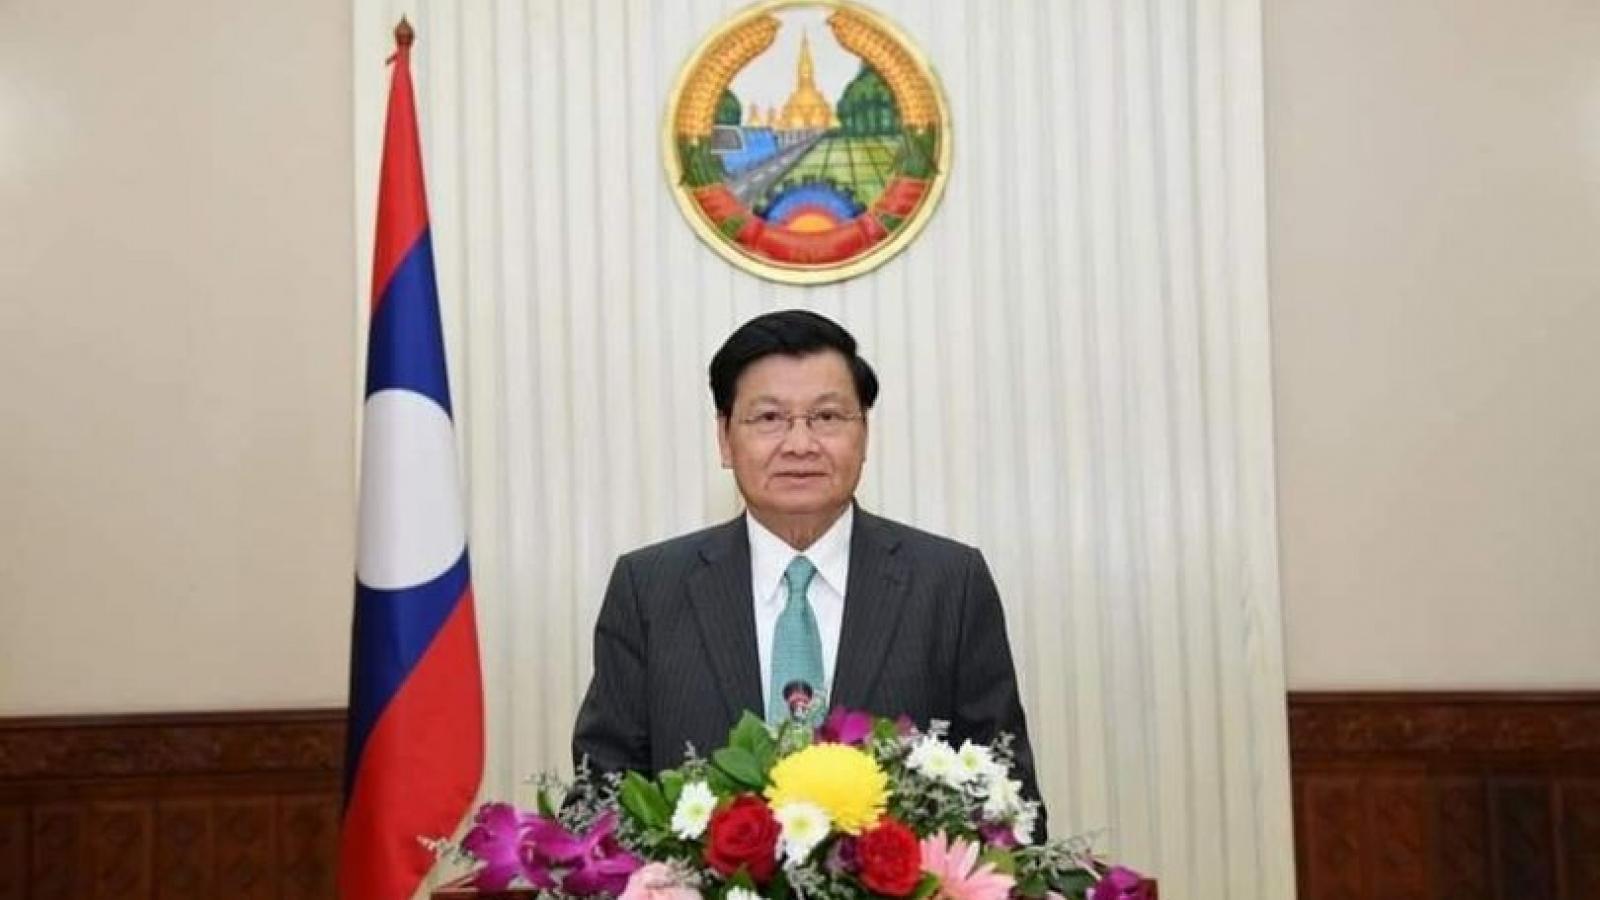 20% dân số Lào sẽ được tiêm vaccine ngừa Covid-19 vào giữa năm 2021